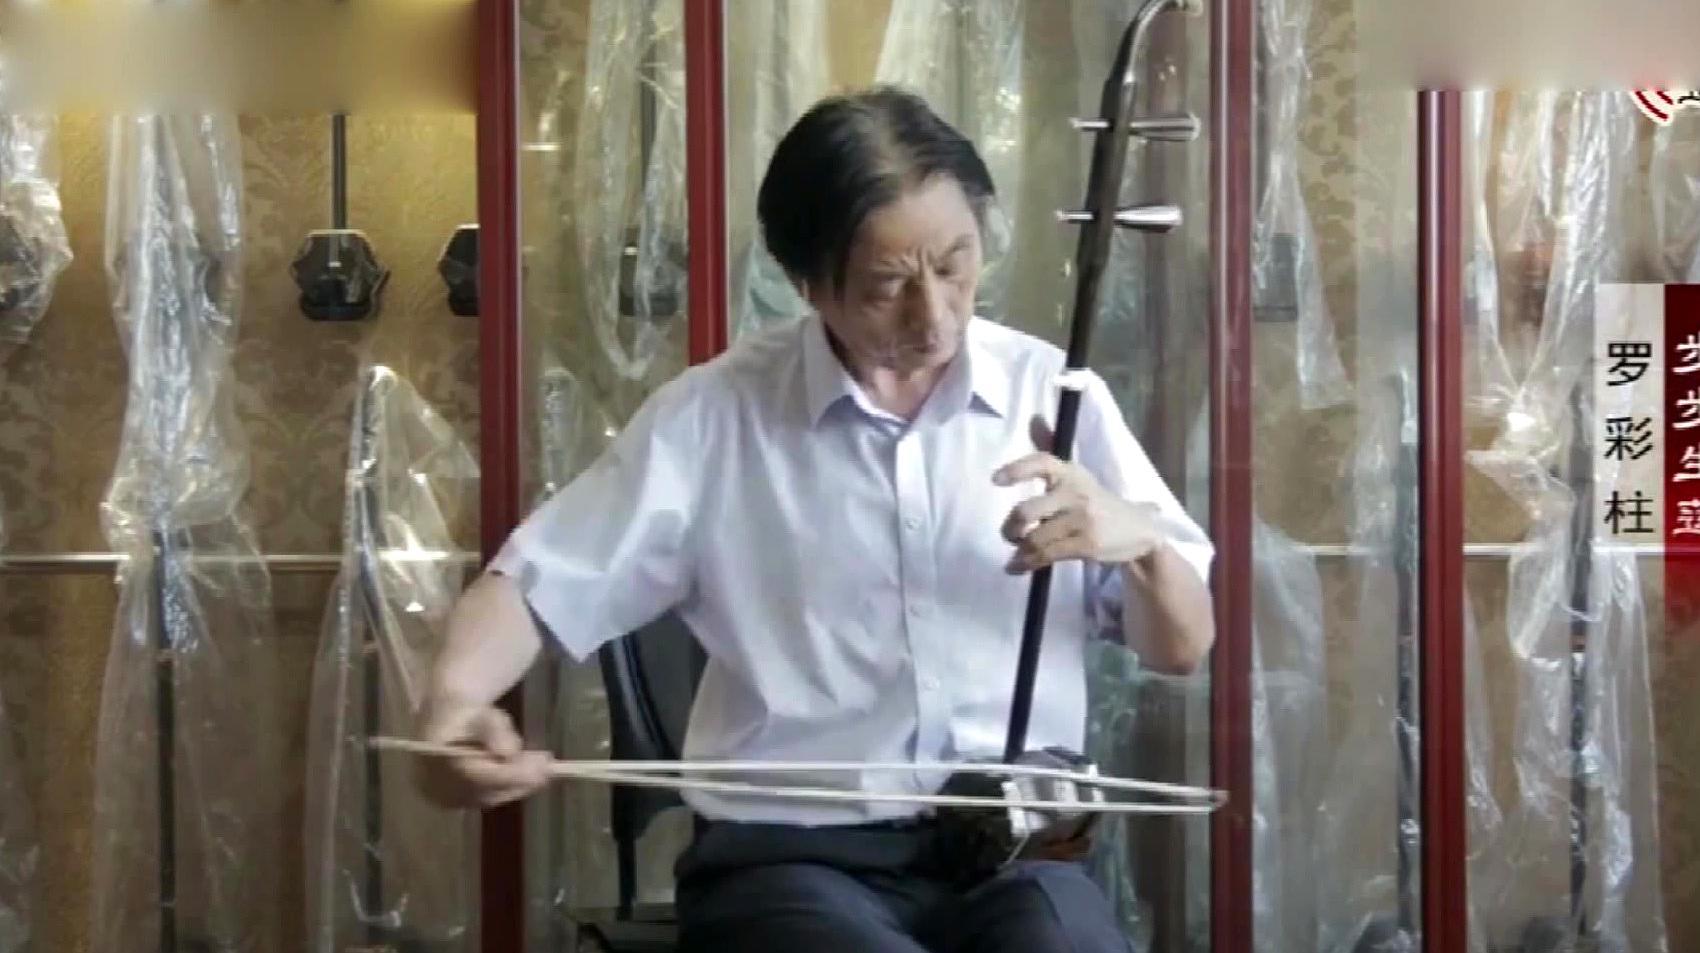 二胡《步步生莲》,这首曲子被老师拉得如痴如醉,十分精彩!图片